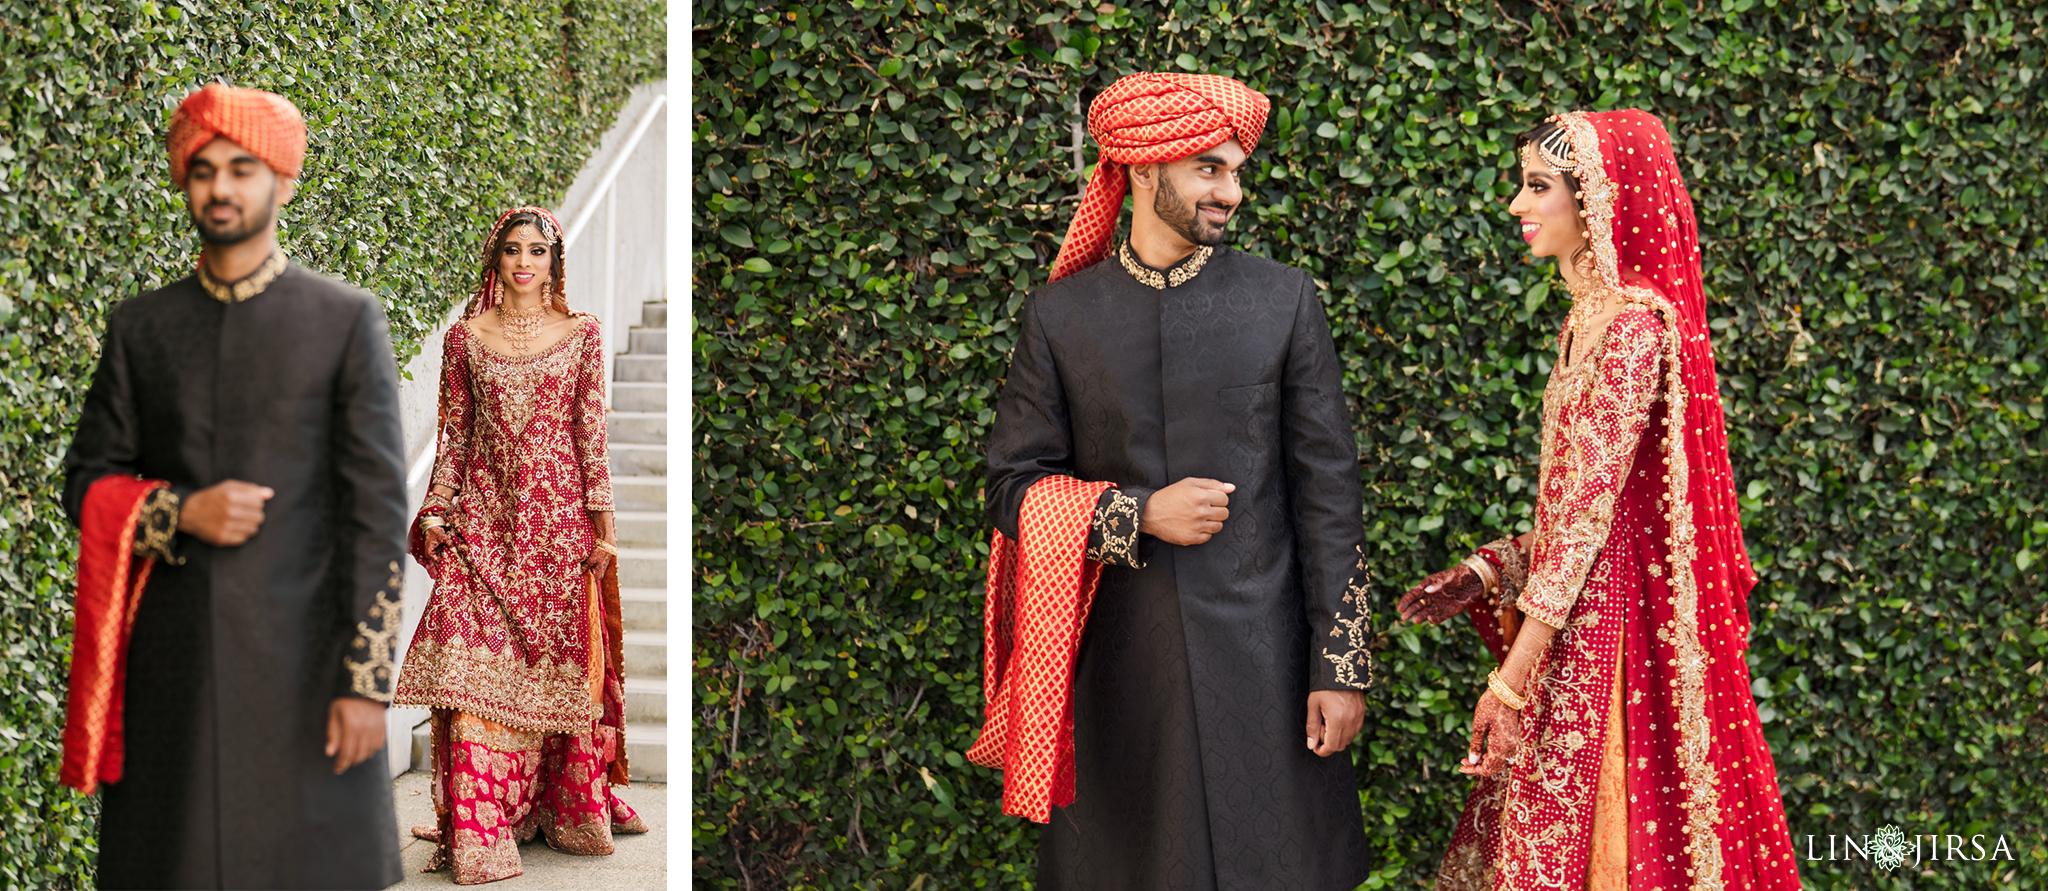 17 Hyatt Regency Garden Grove Pakistani Muslim Wedding Photography